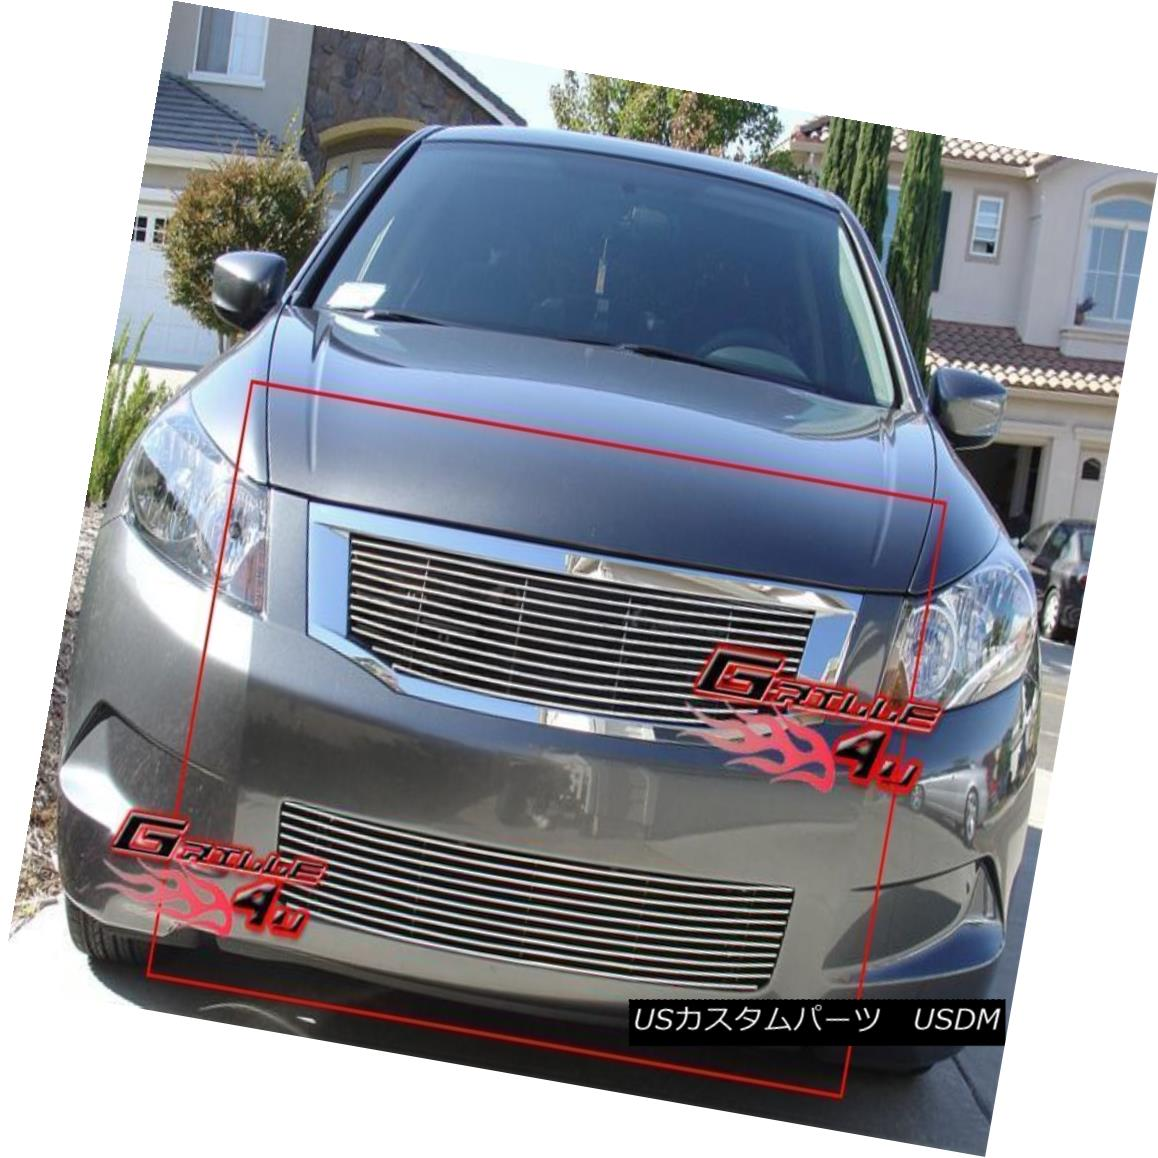 グリル Fits 08-10 Honda Accord Sedan Billet Grille Combo フィット08-10ホンダアコードセダンビレットグリルコンボ